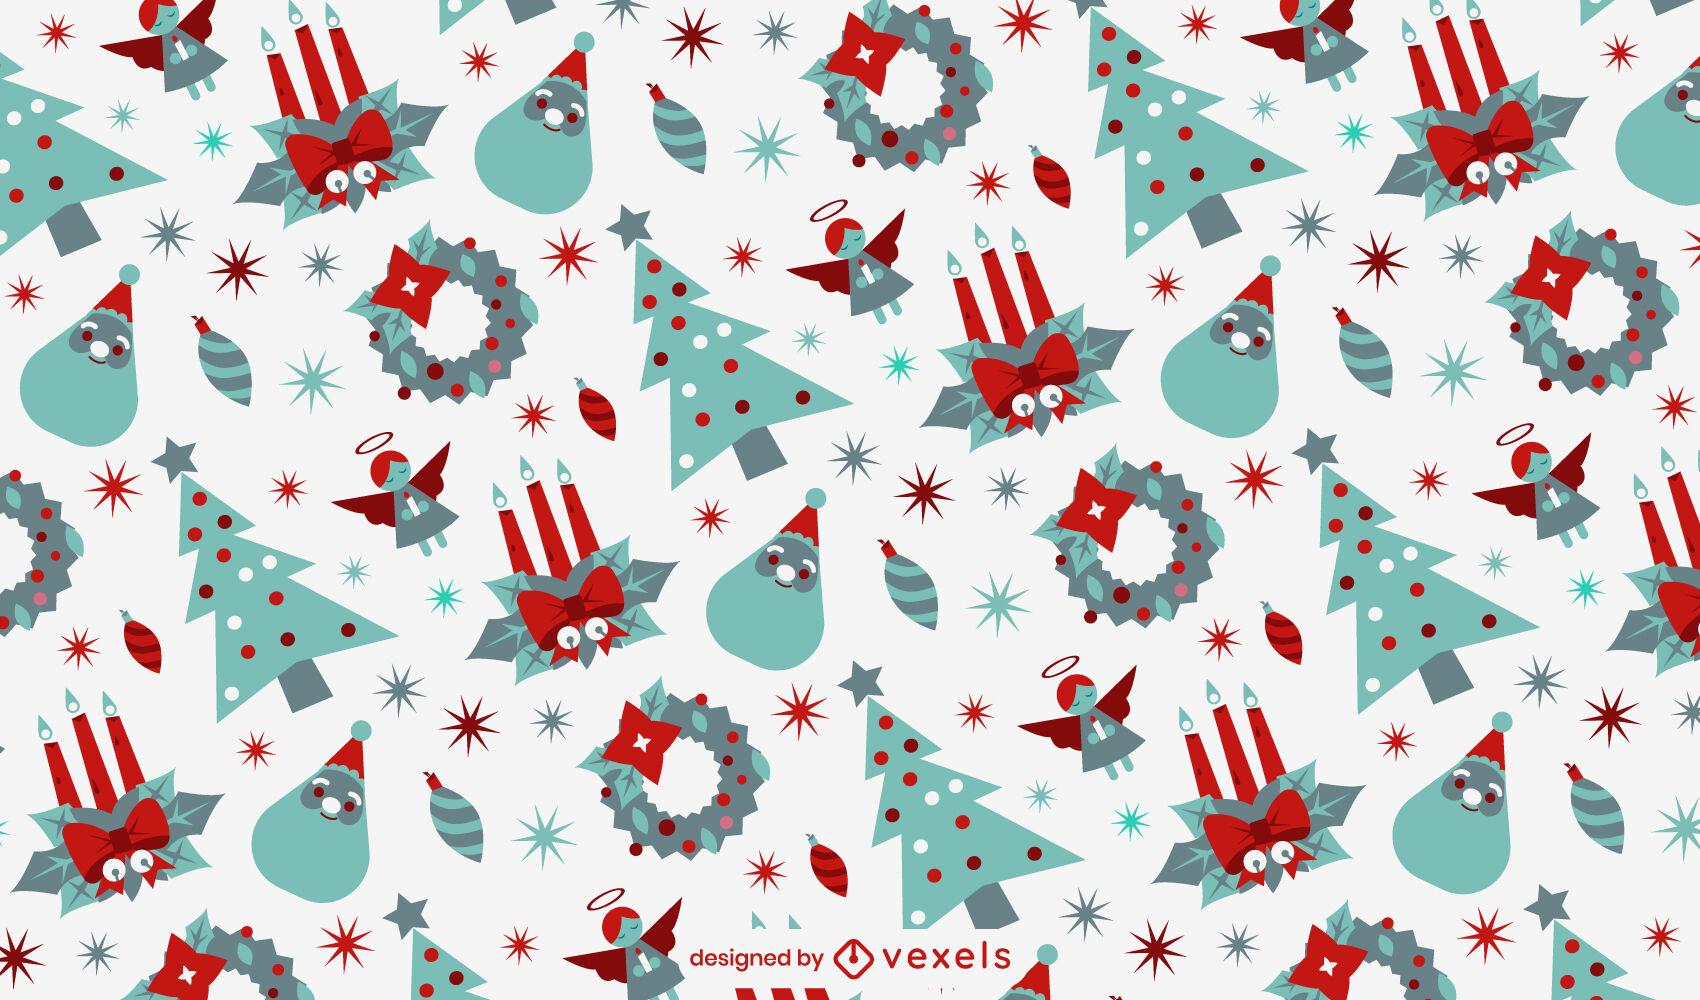 Desenho de padrões de decorações de natal